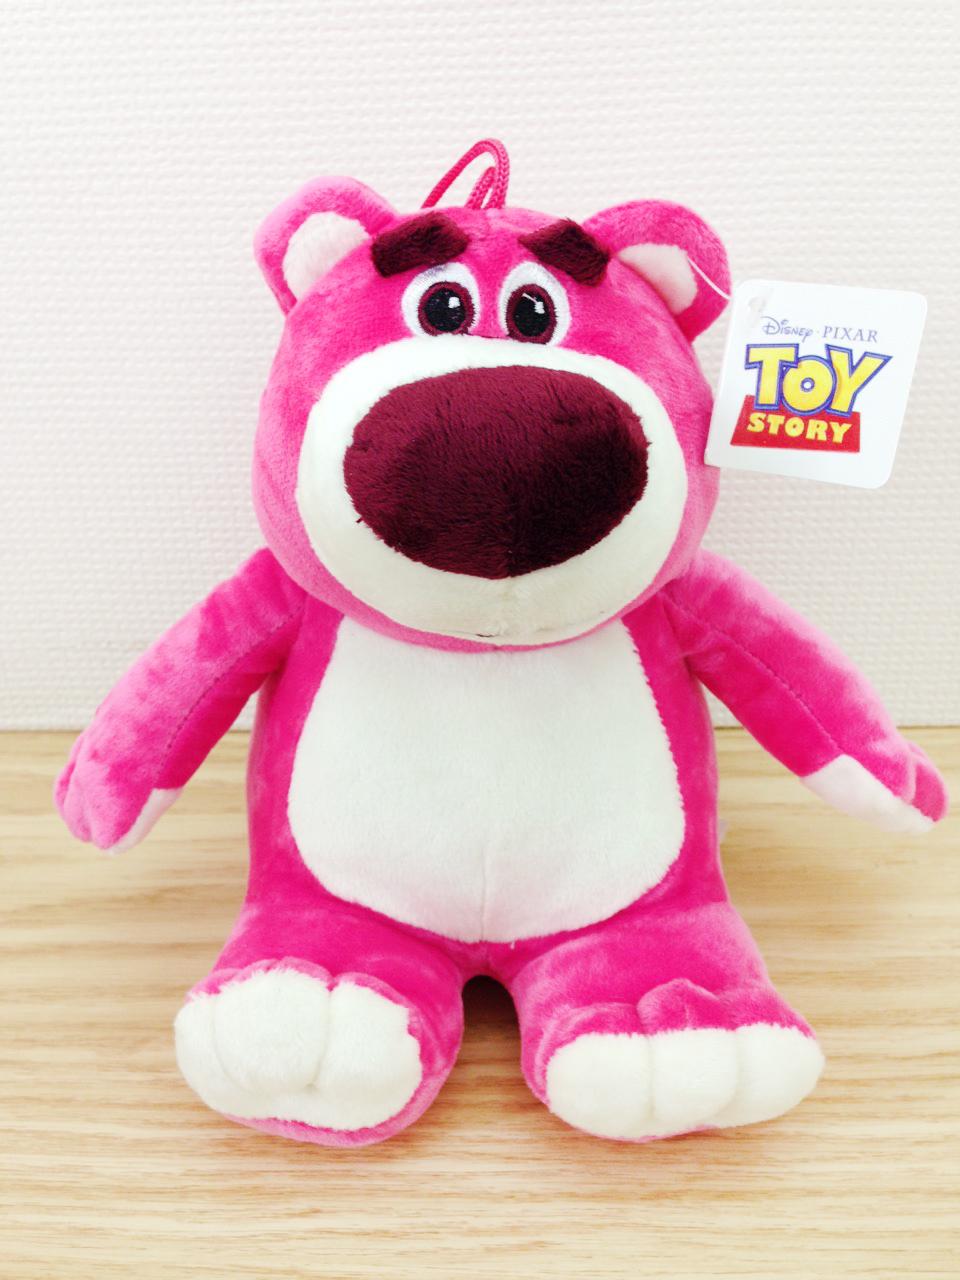 【真愛日本】15102600013 6吋吊娃-熊抱哥坐姿 玩具總動員 熊抱哥 娃娃 吊娃 擺飾